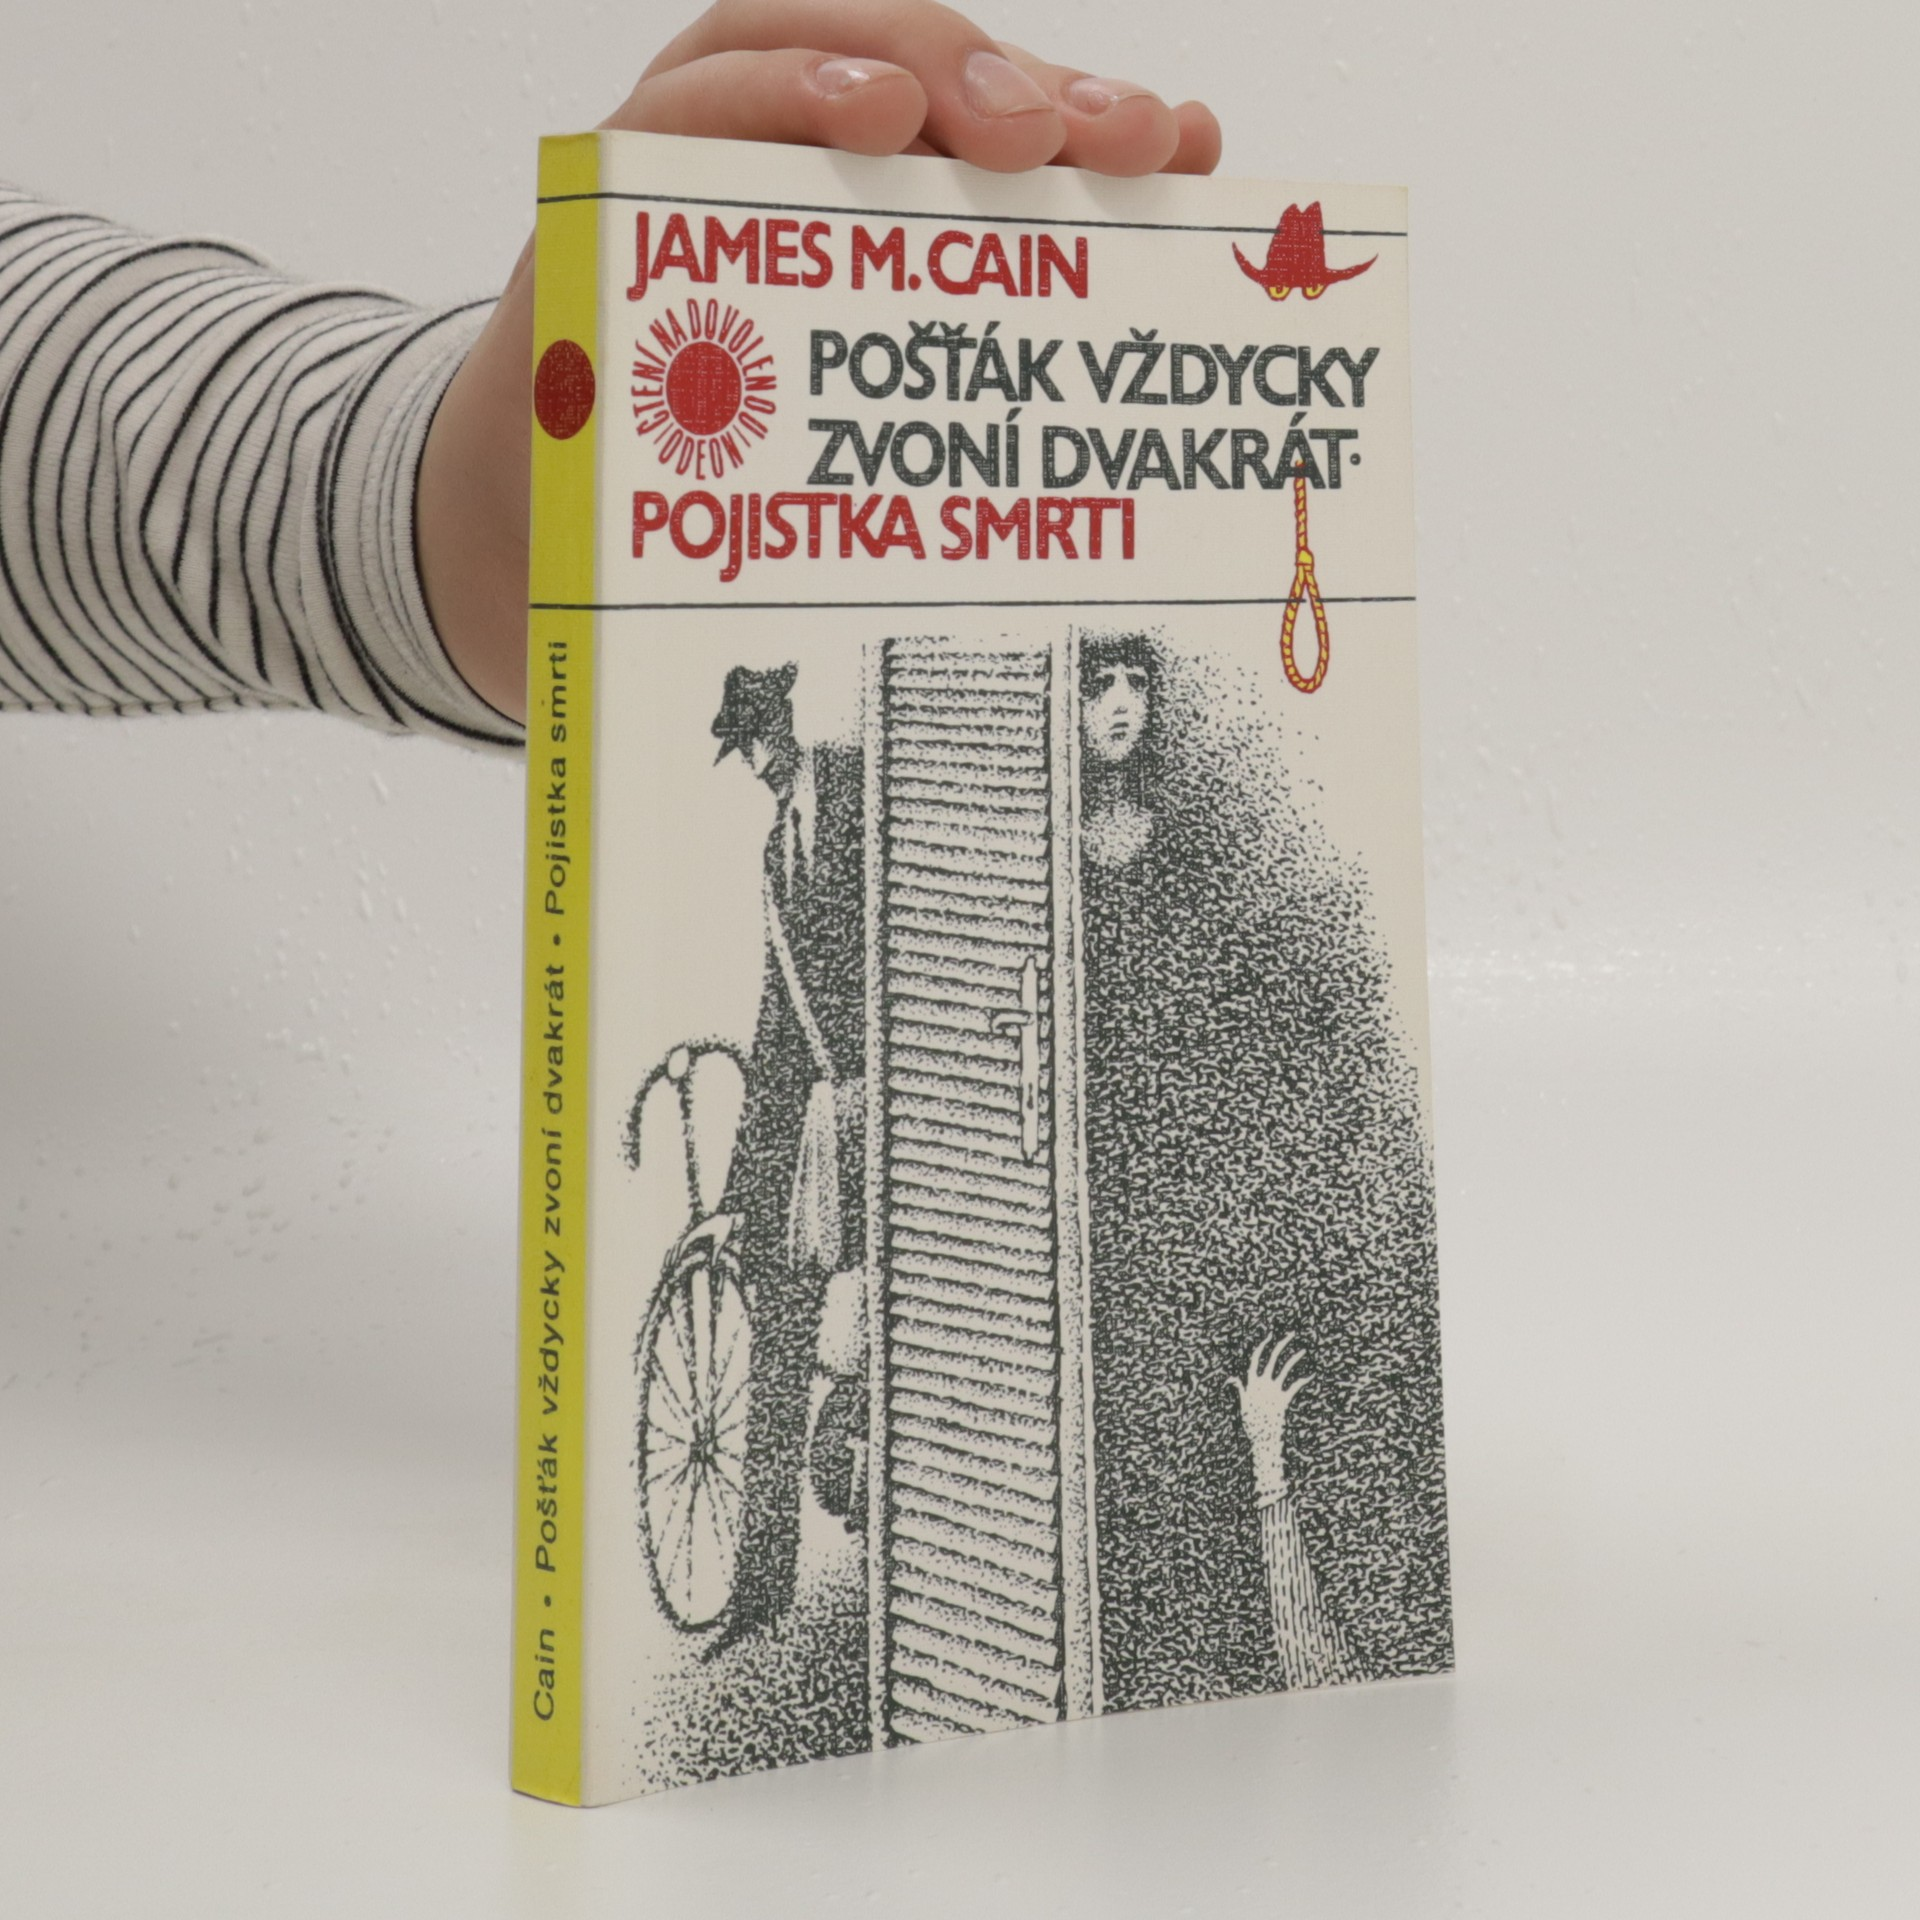 antikvární kniha Pošťák vždycky zvoní dvakrát / Pojistka smrti, 1987